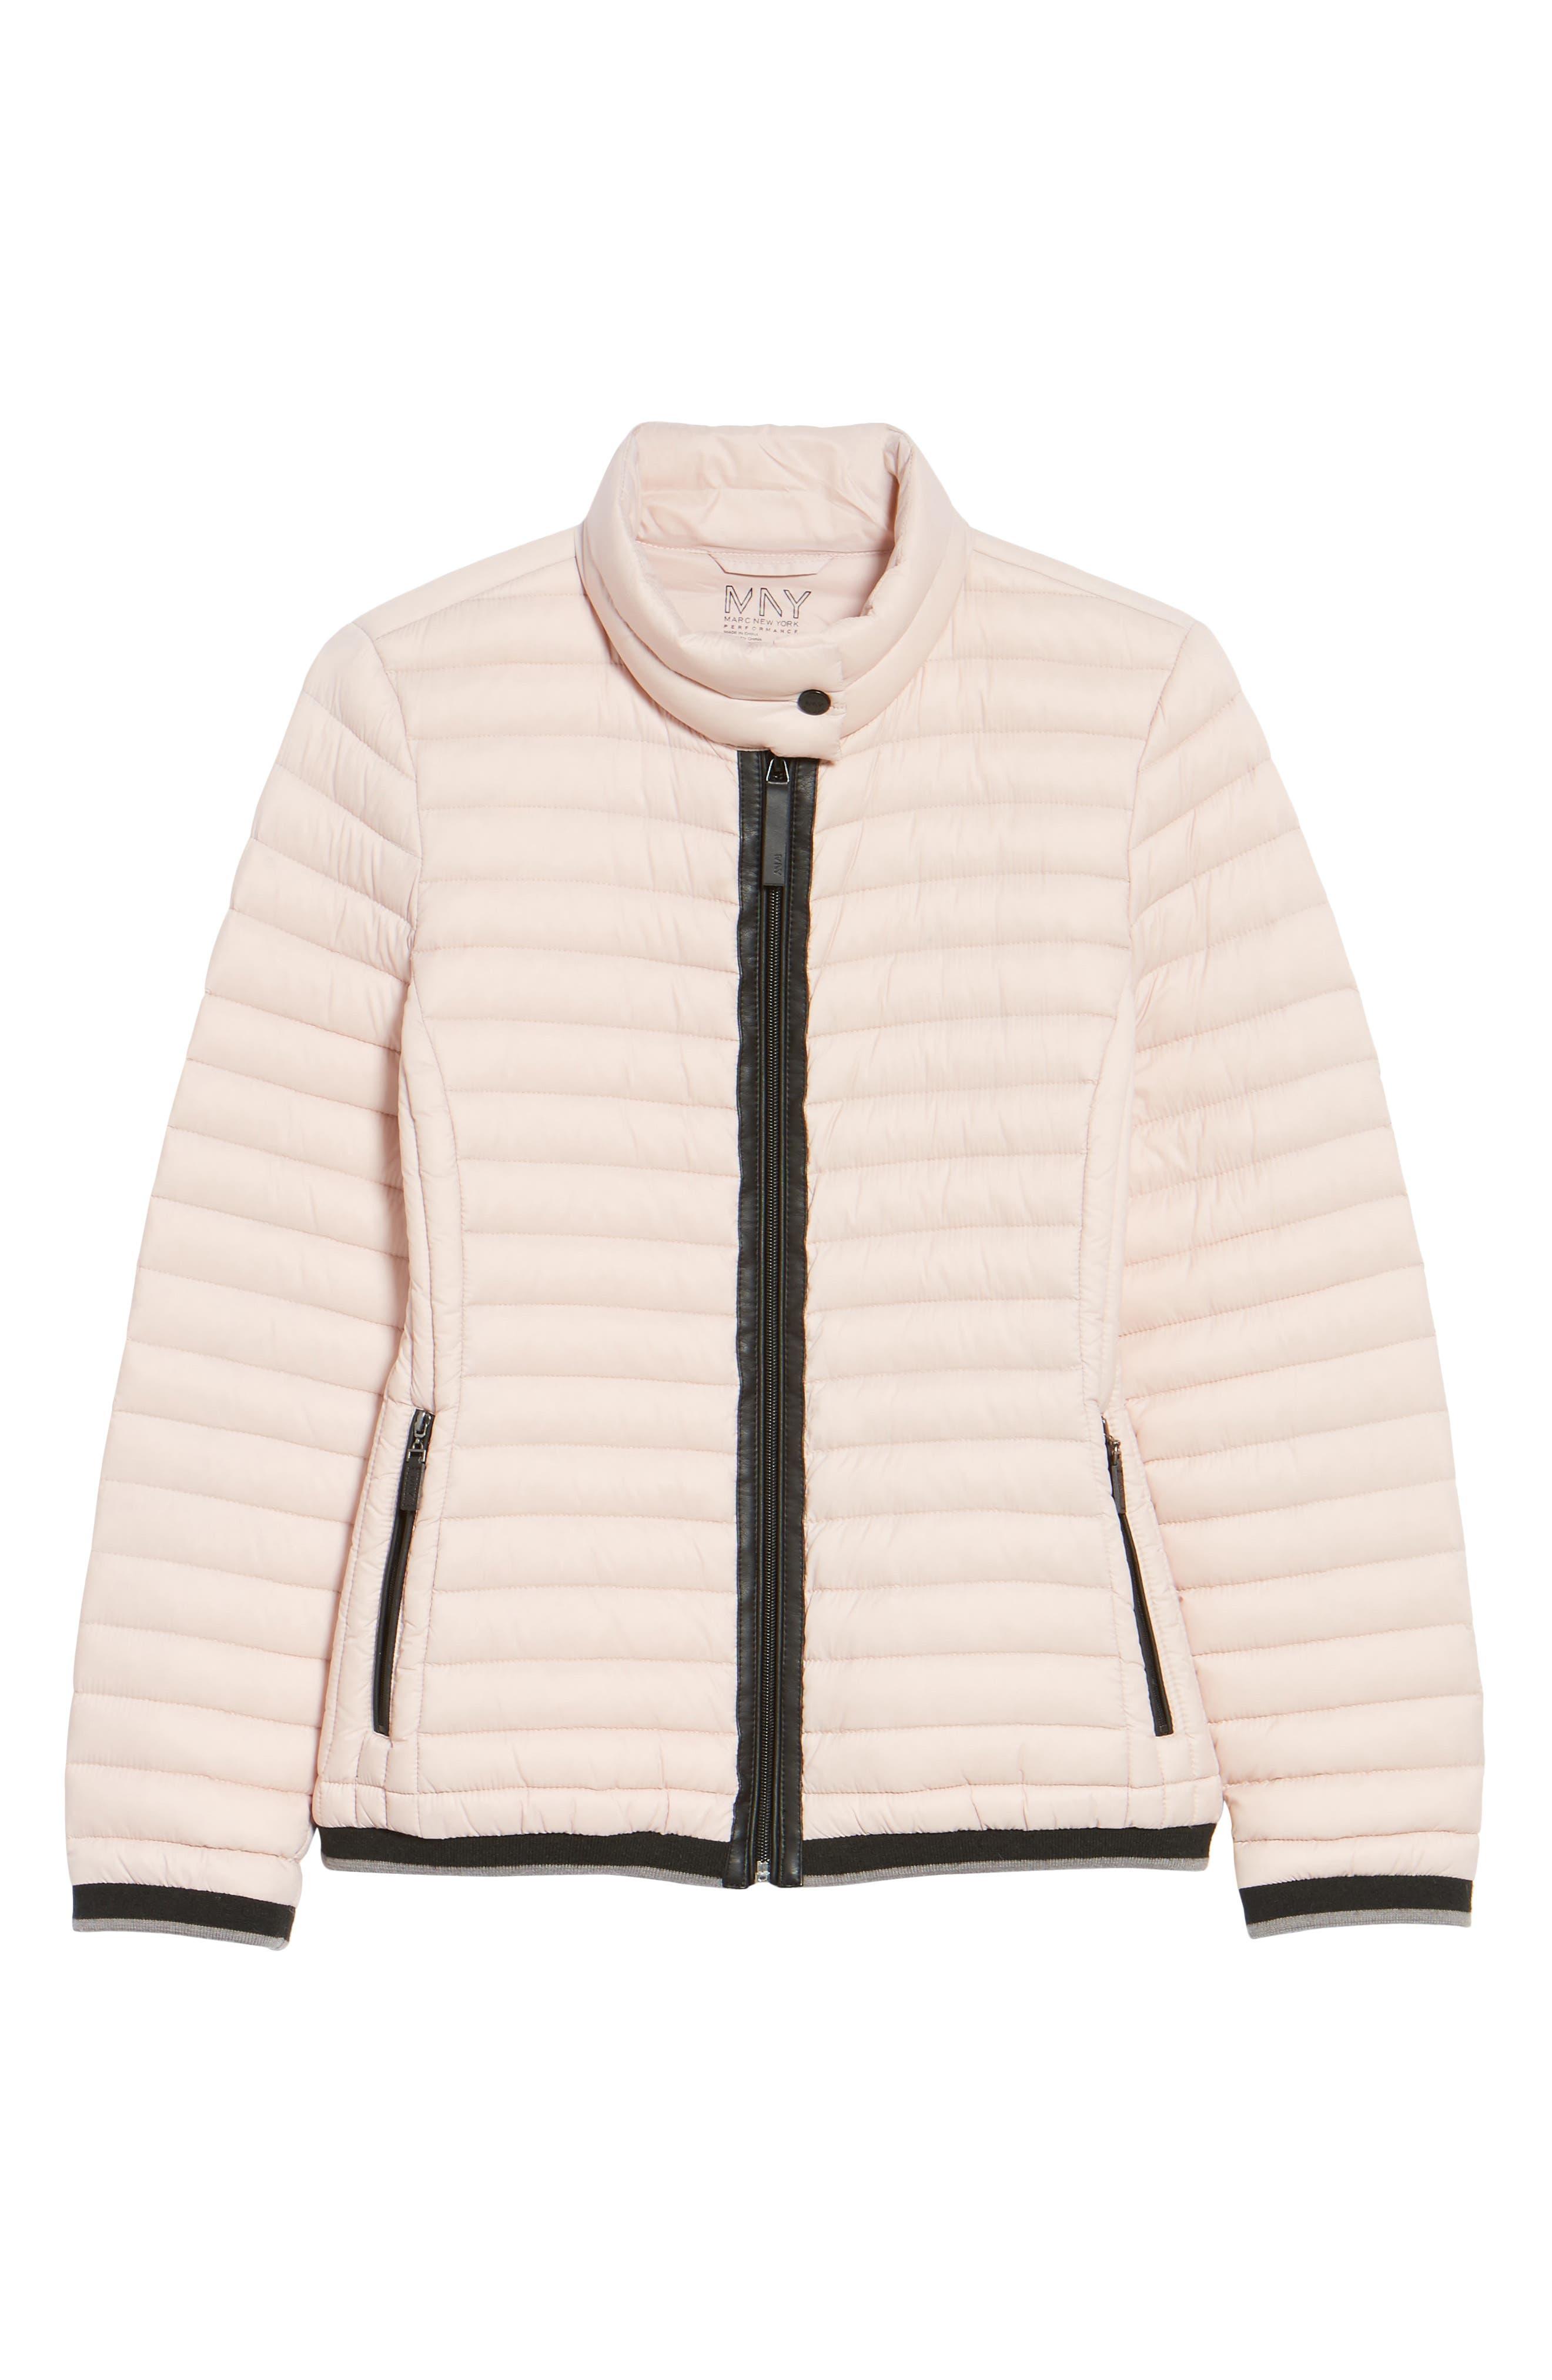 Stripe Trim Packable Down Jacket,                             Alternate thumbnail 5, color,                             Chablis